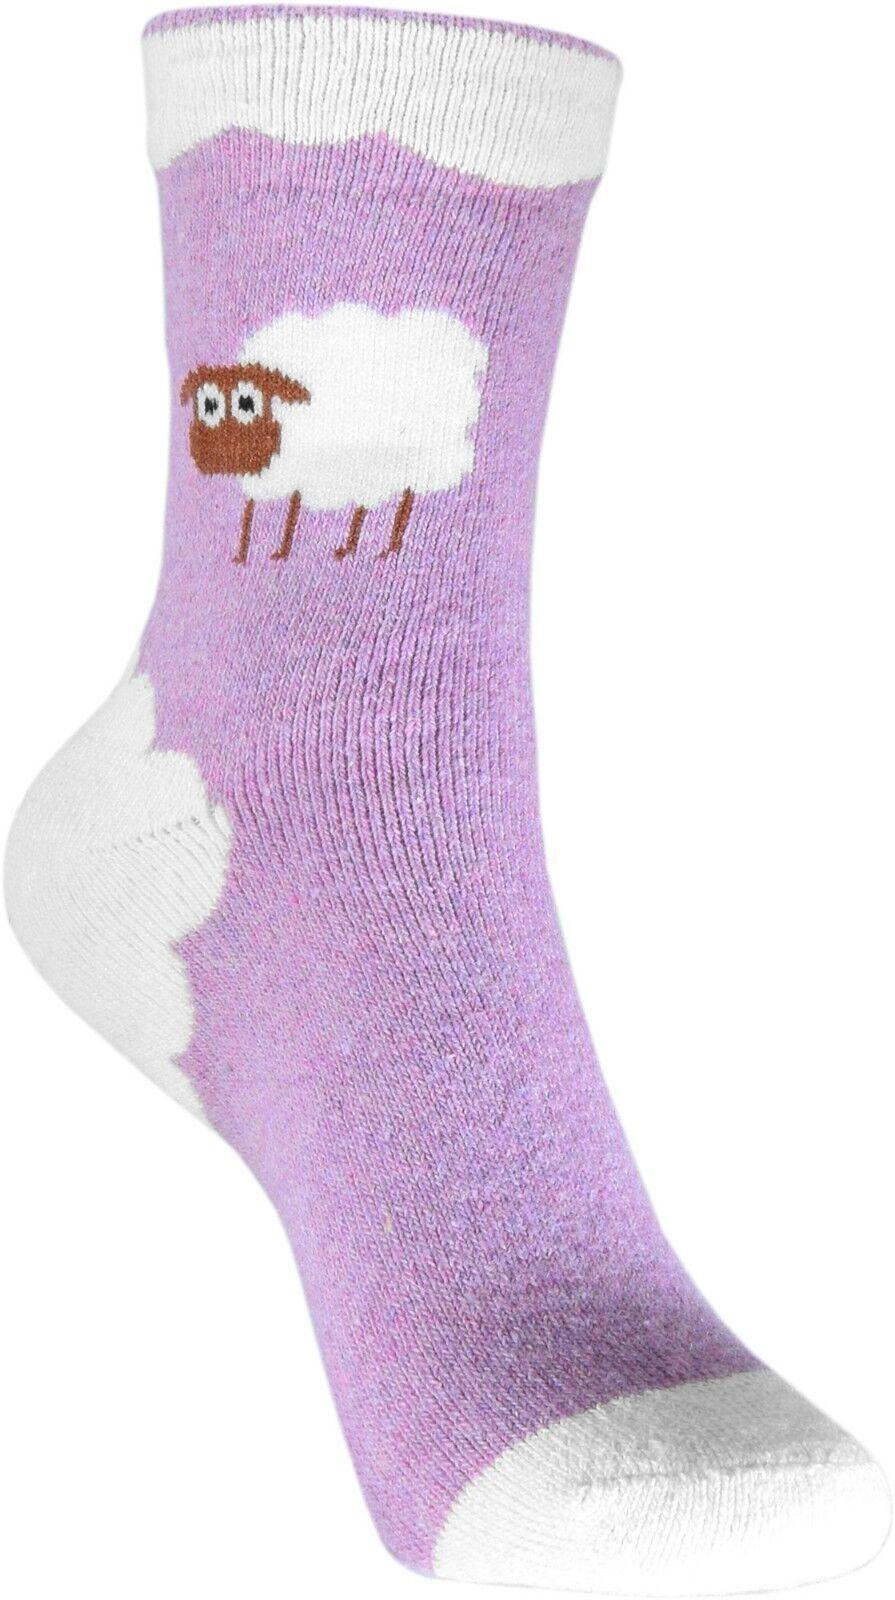 Pealu dicke SCHÄFCHEN Socken (33-40) atmungsaktiv Baumwolle warm weich Strumpf